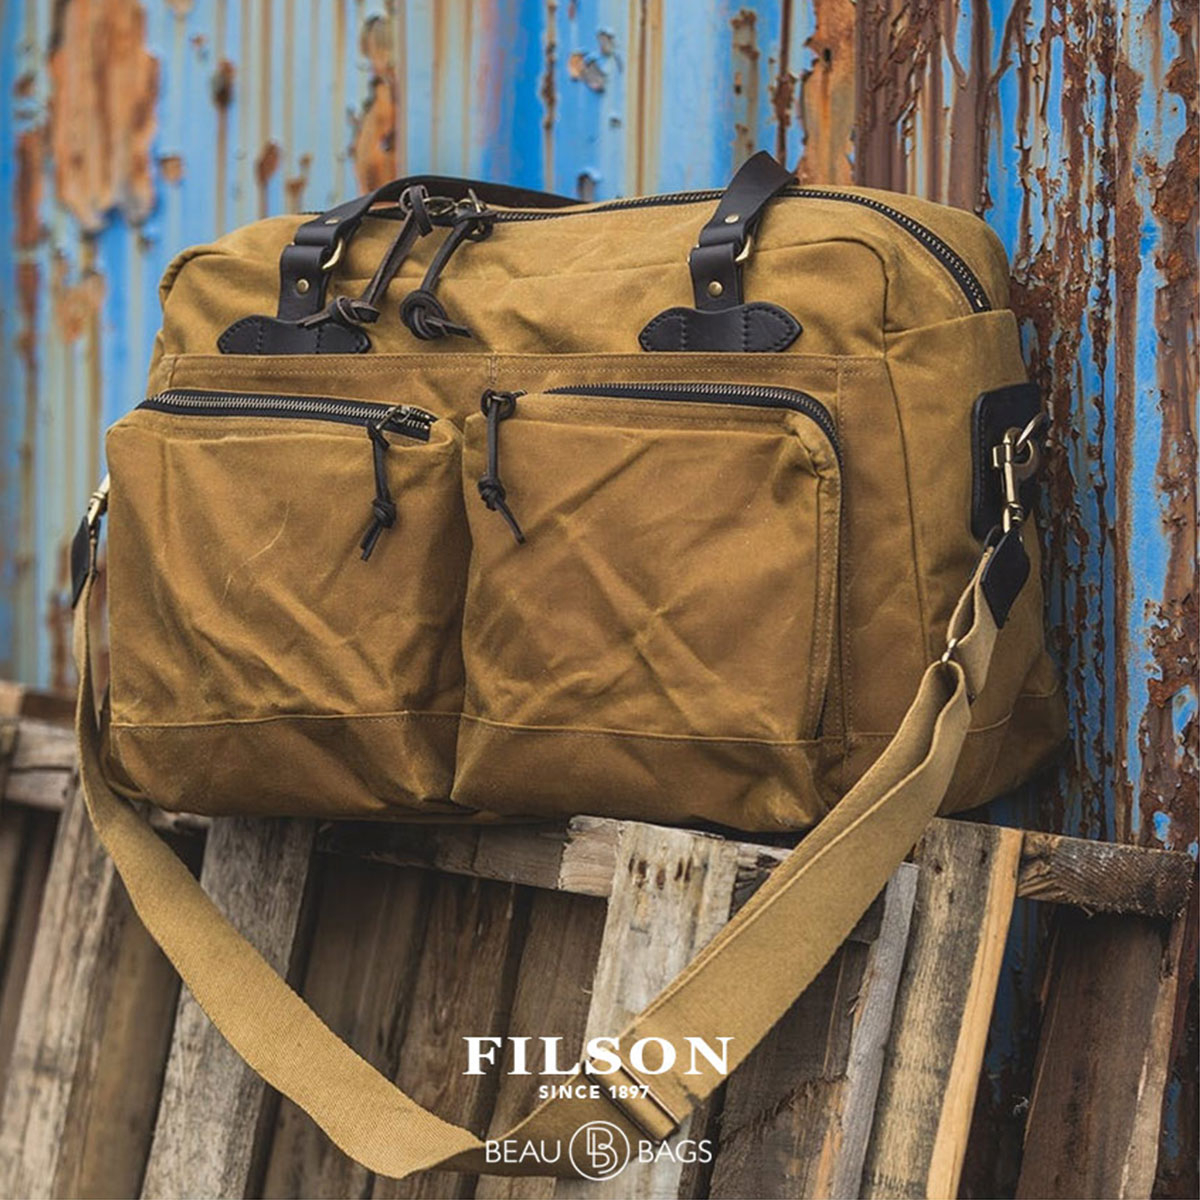 Filson 48-Hour Duffle Dark Tan, eine robuste Duffle Bag mit großen Fächern für ein verlängertes Wochenendep